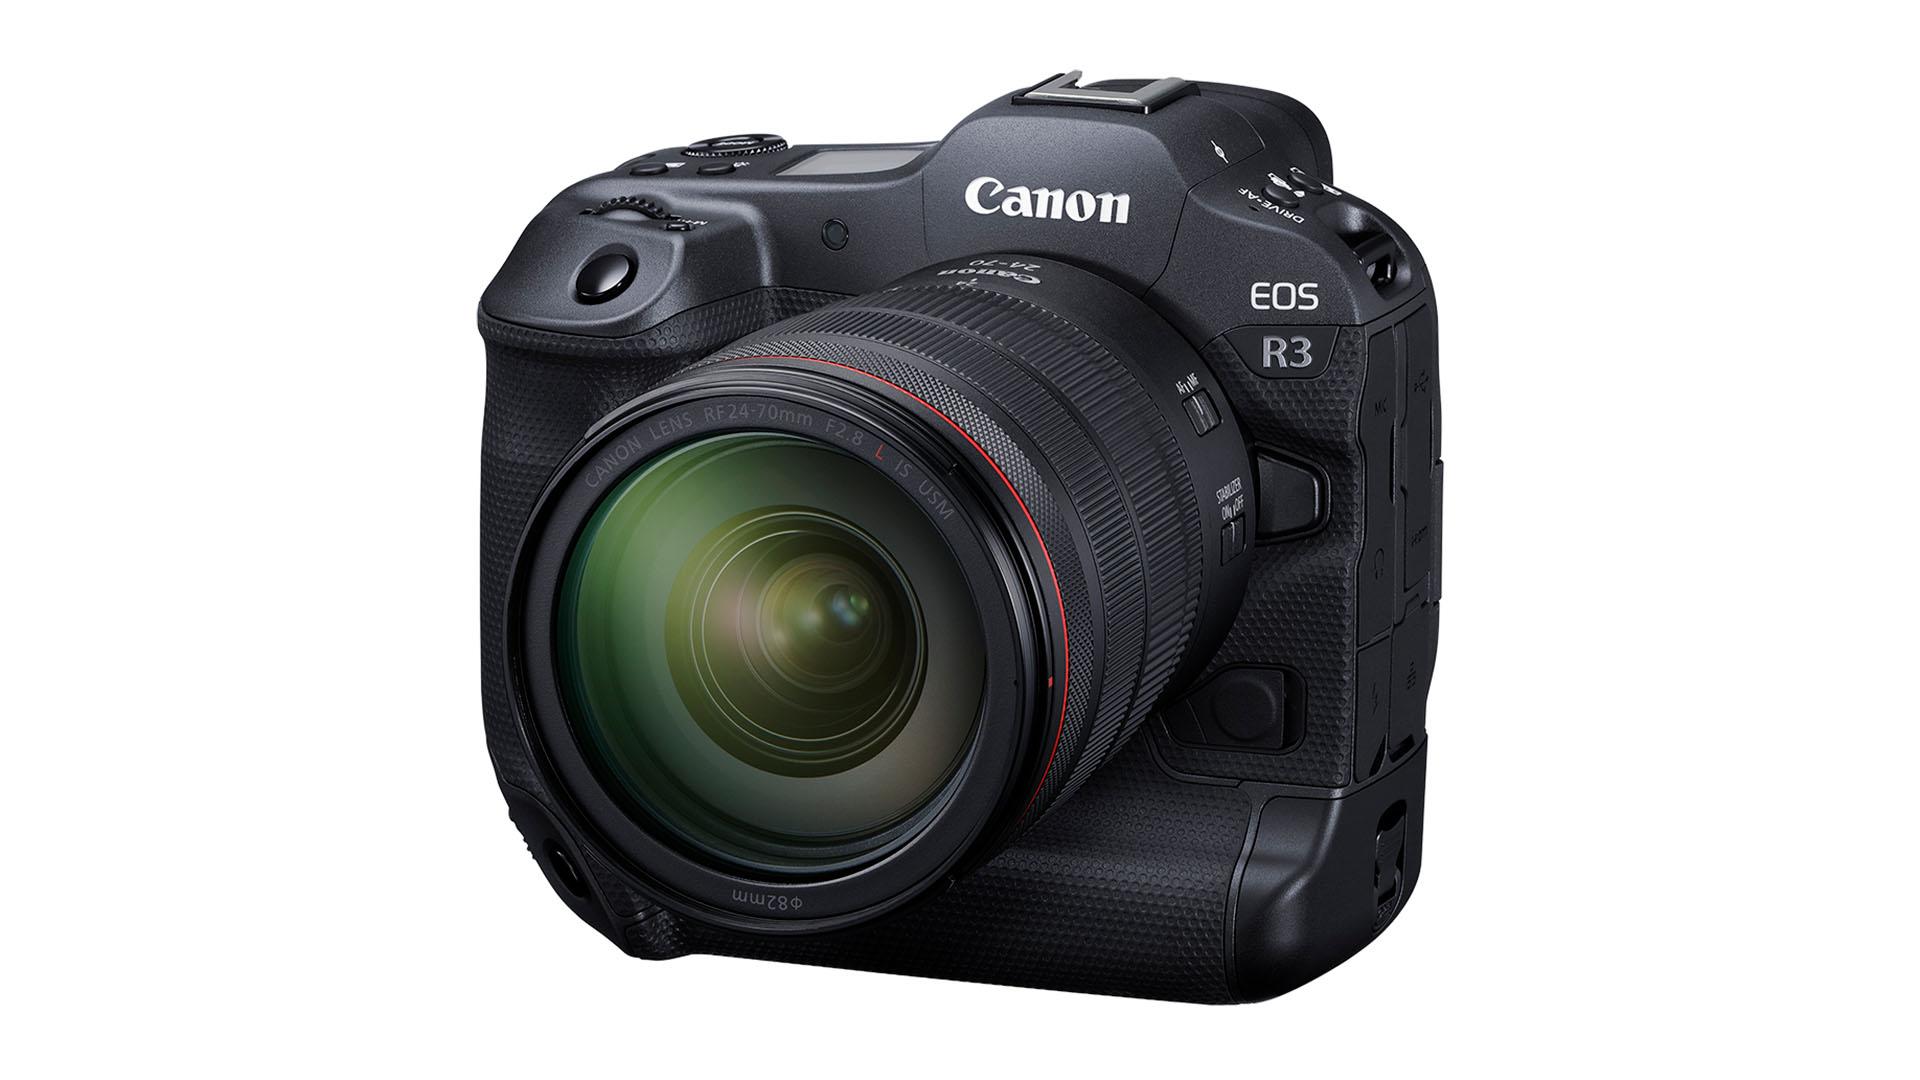 The Canon EOS R3. Image: Canon.